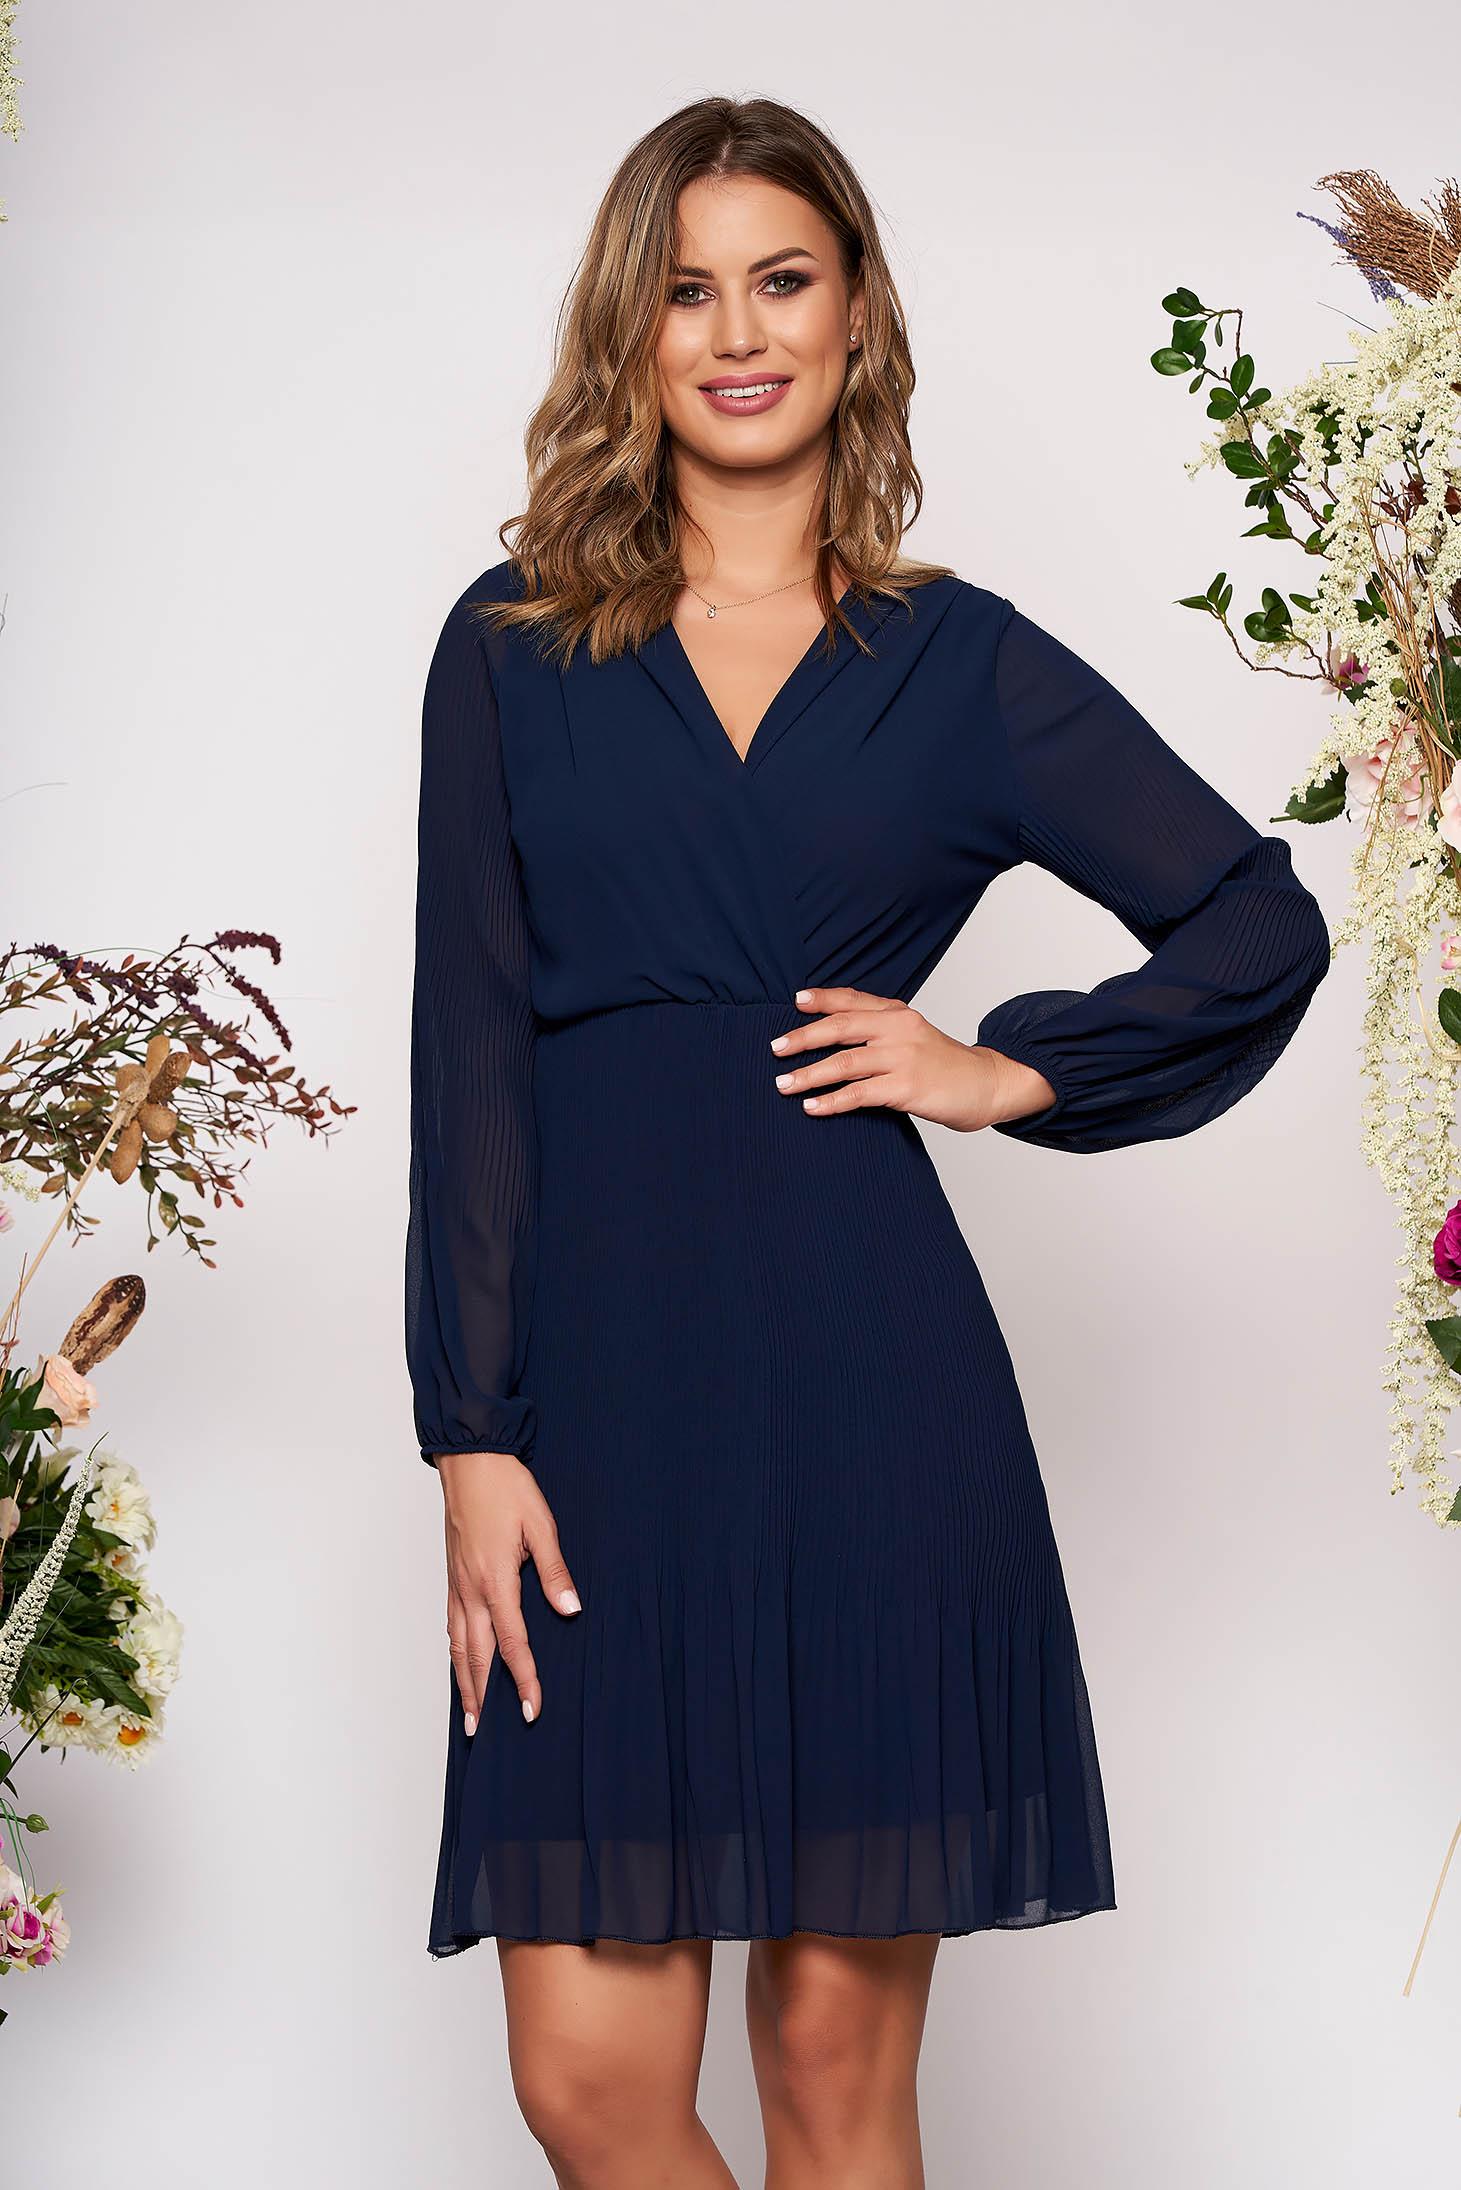 Rochie SunShine albastru-inchis scurta eleganta plisata in clos din voal cu decolteu petrecut in v